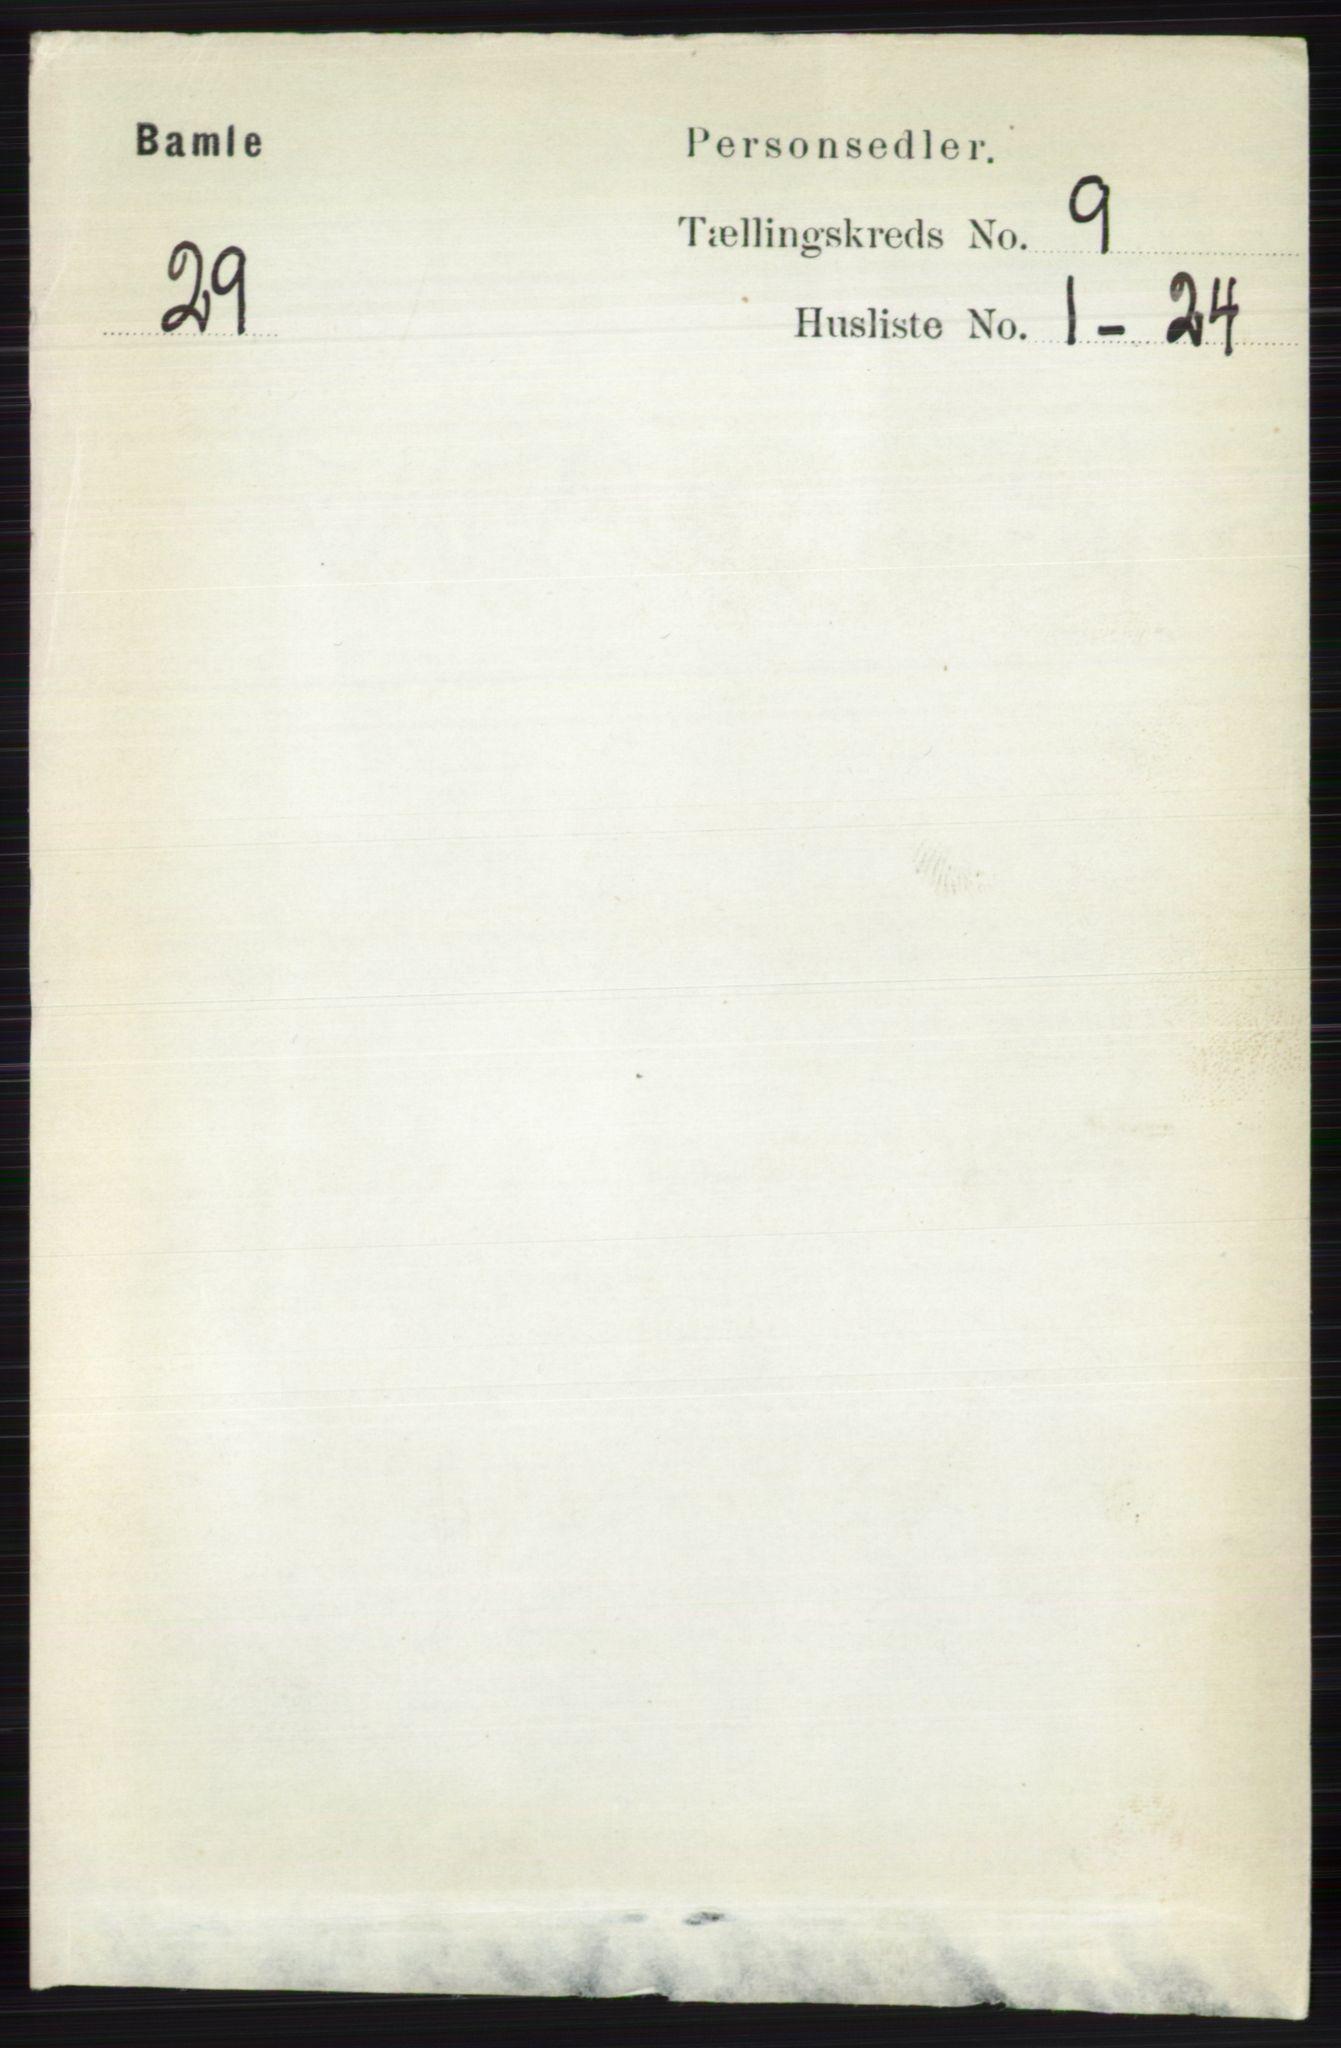 RA, Folketelling 1891 for 0814 Bamble herred, 1891, s. 4184